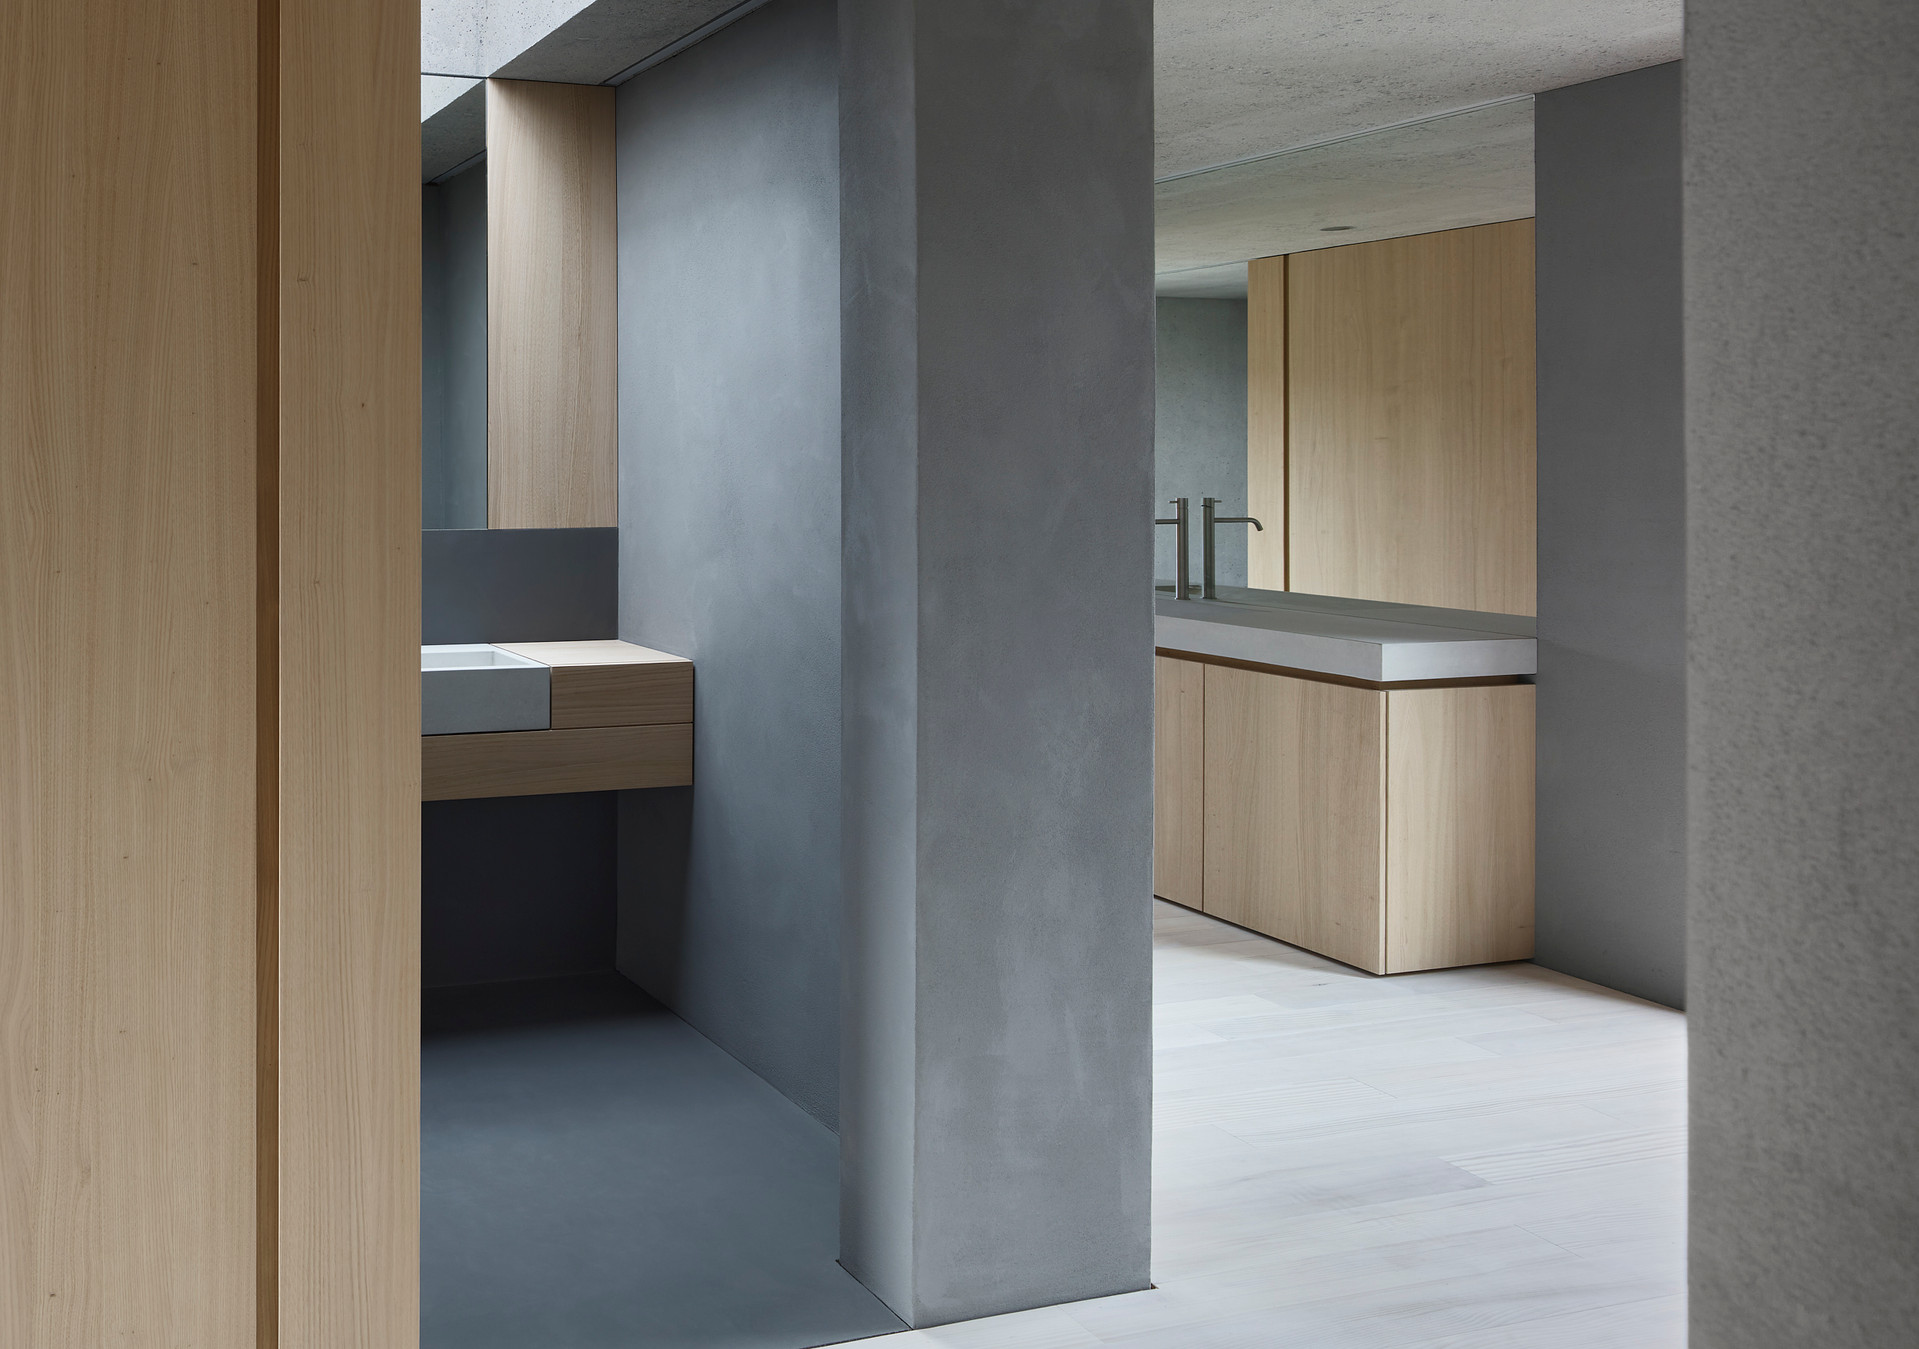 Aareblick, Niedergösgen - Ausbau Duplexwohnung